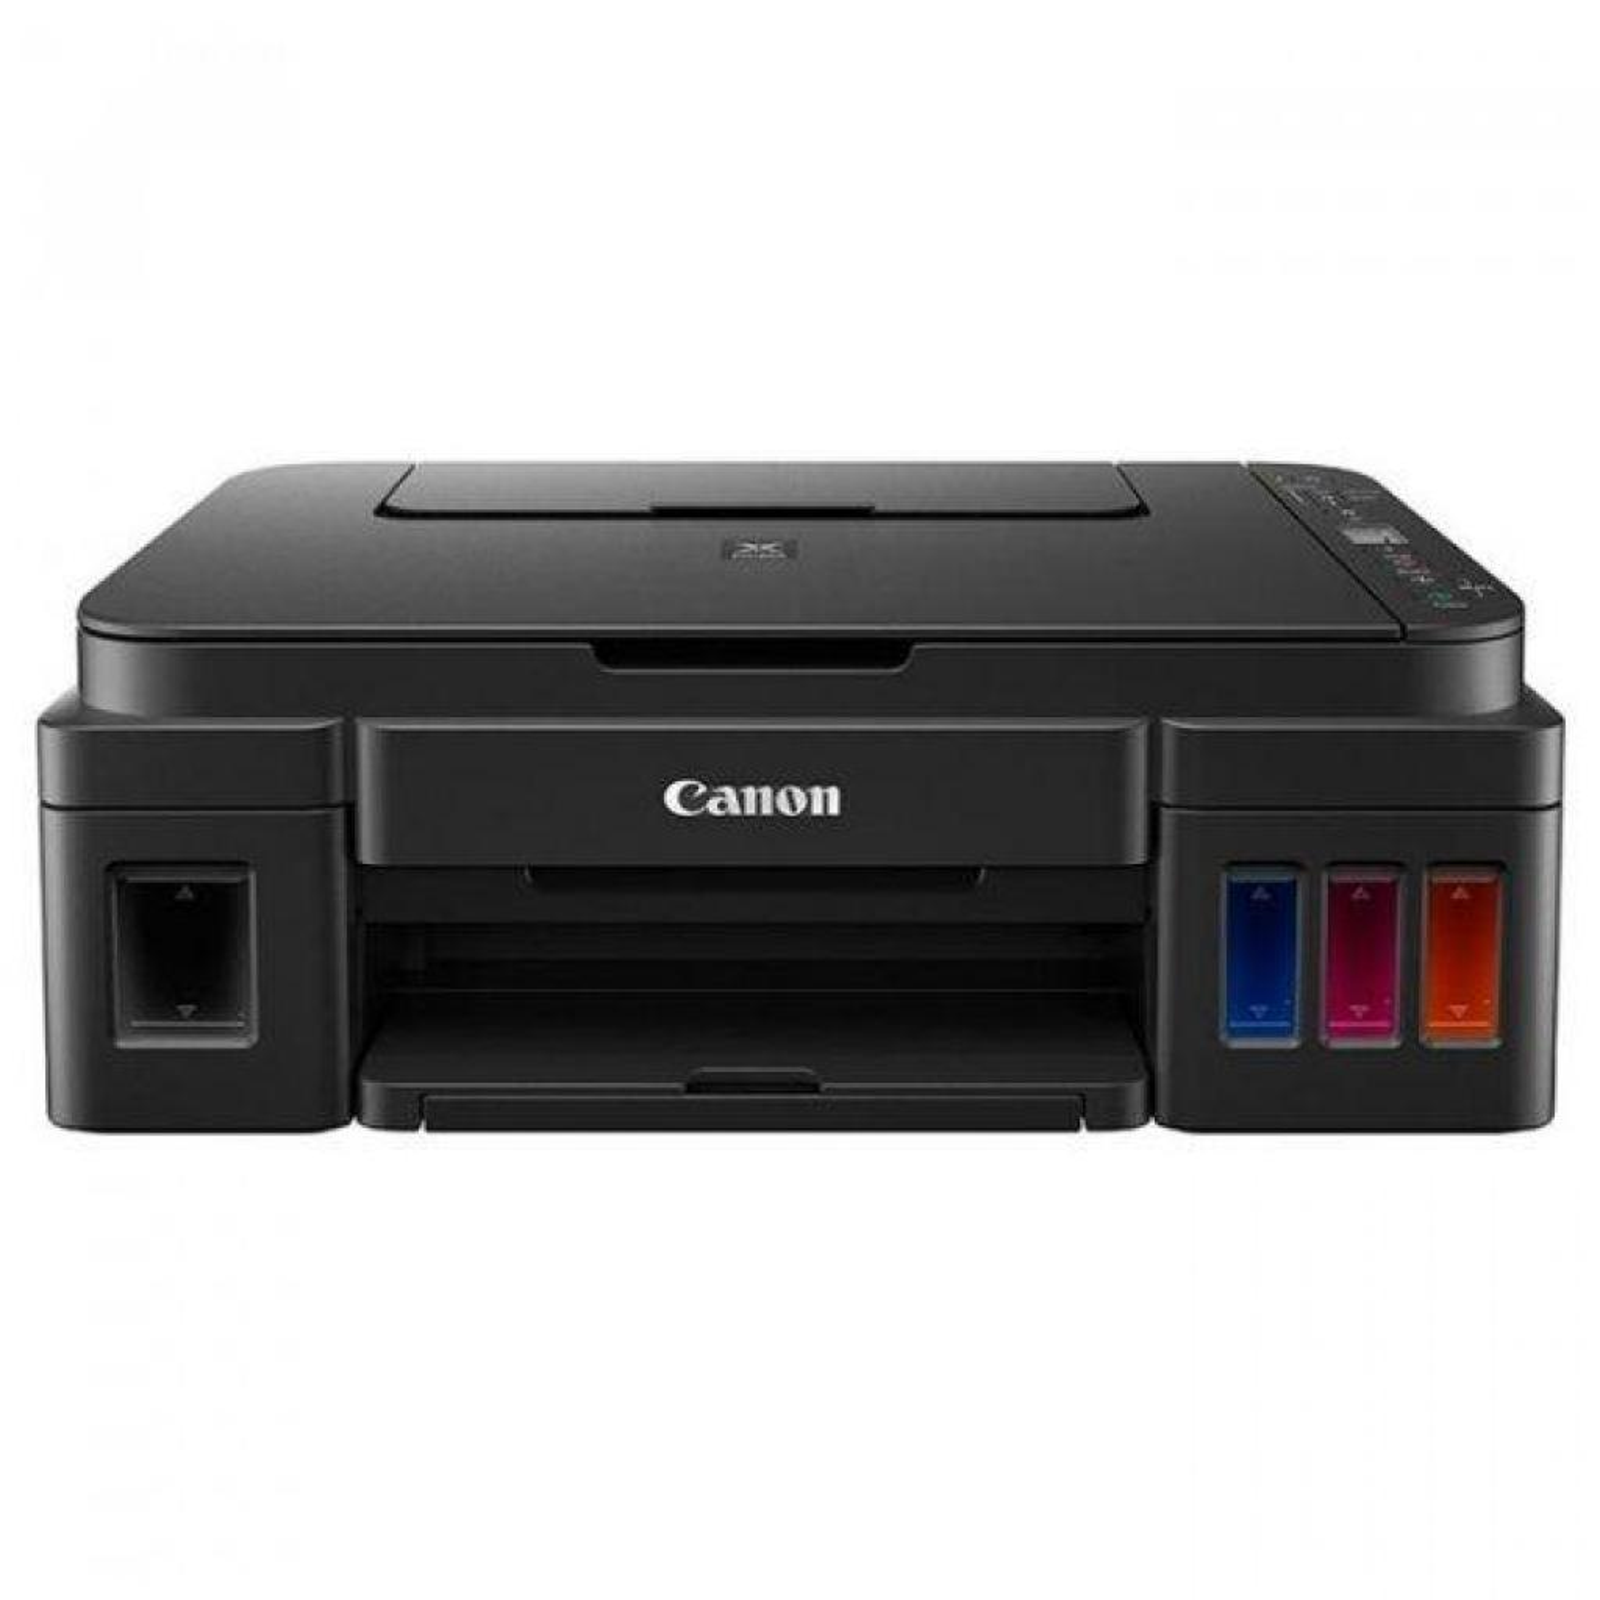 Многофункциональное устройство Canon PIXMA G3411 (2315C025) изображение 3